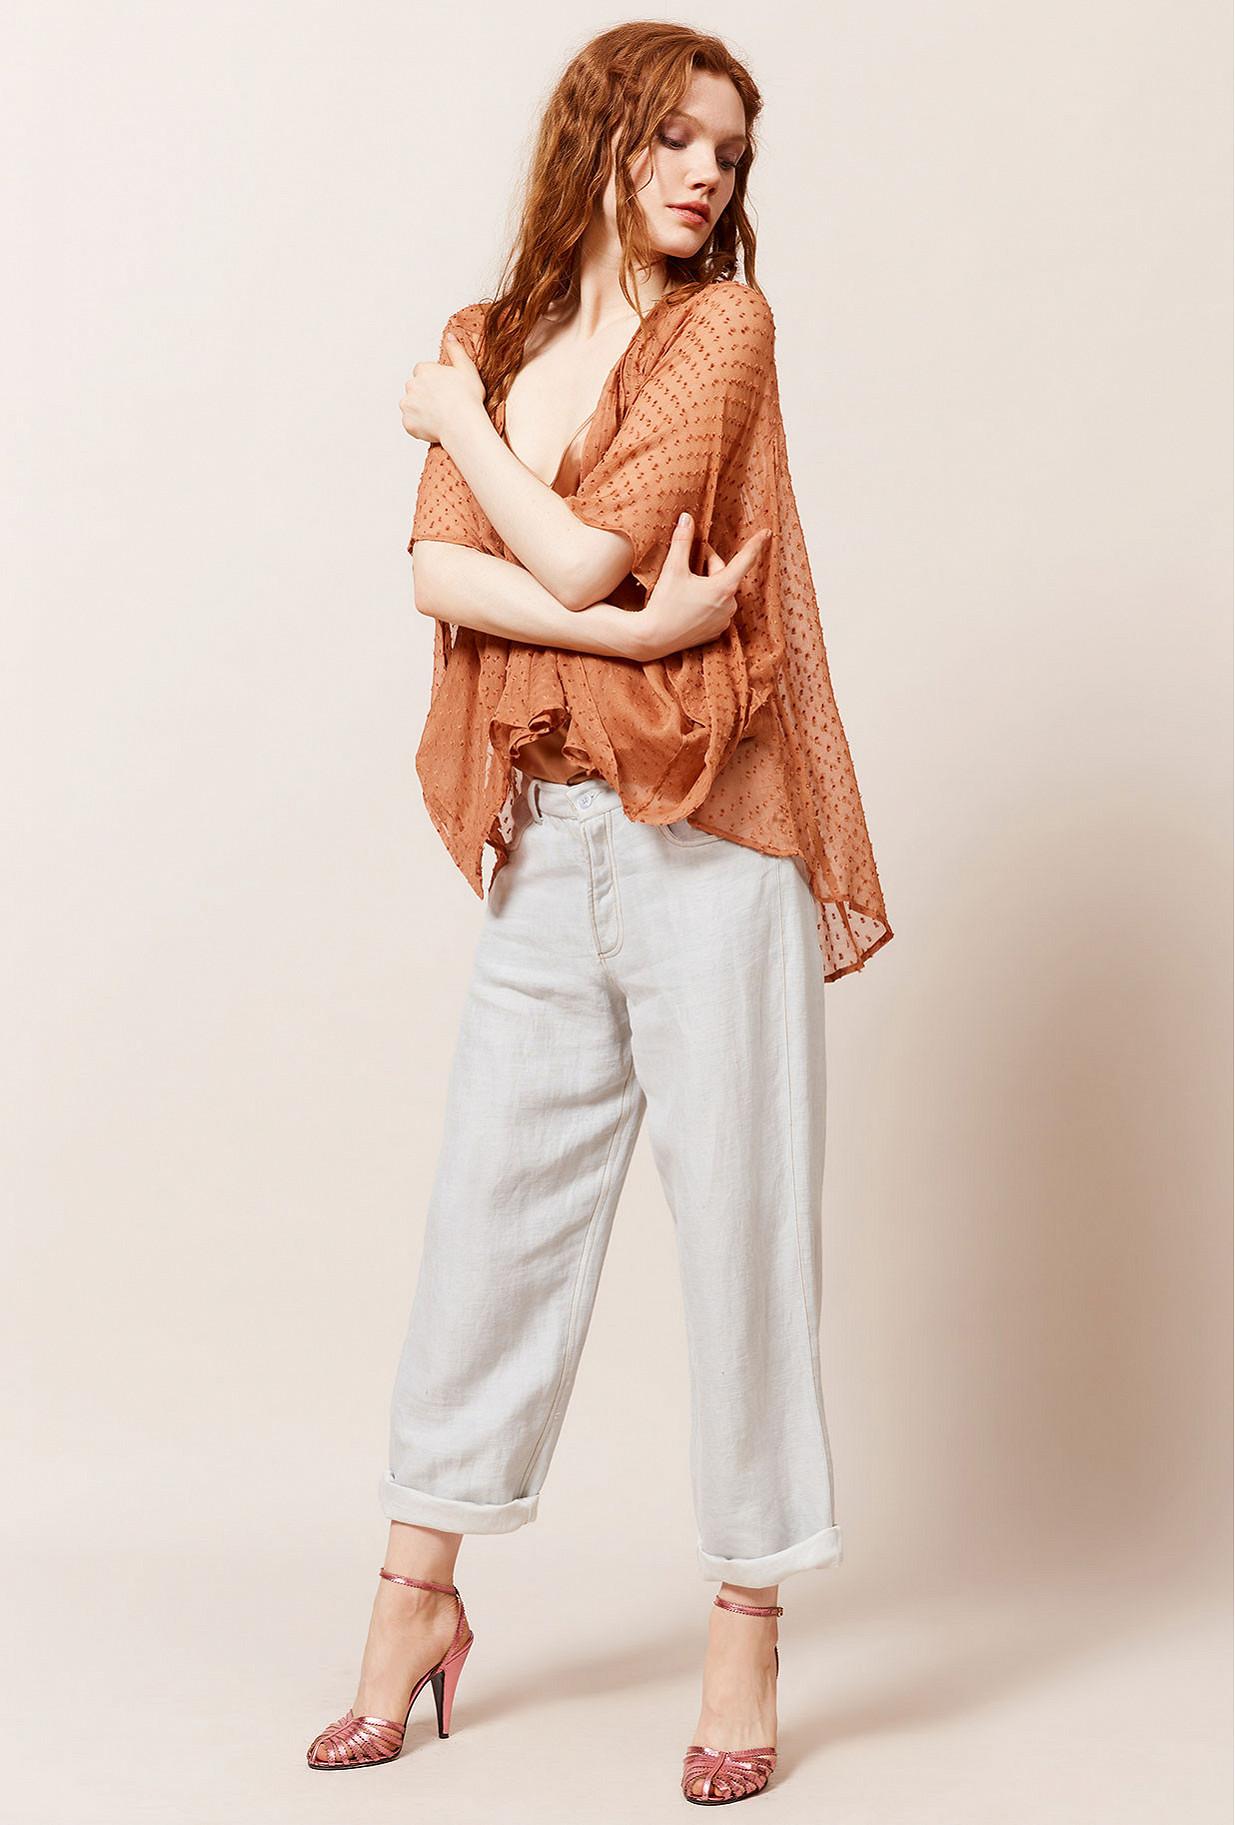 Kimono Terracotta  Dionysos mes demoiselles paris vêtement femme paris